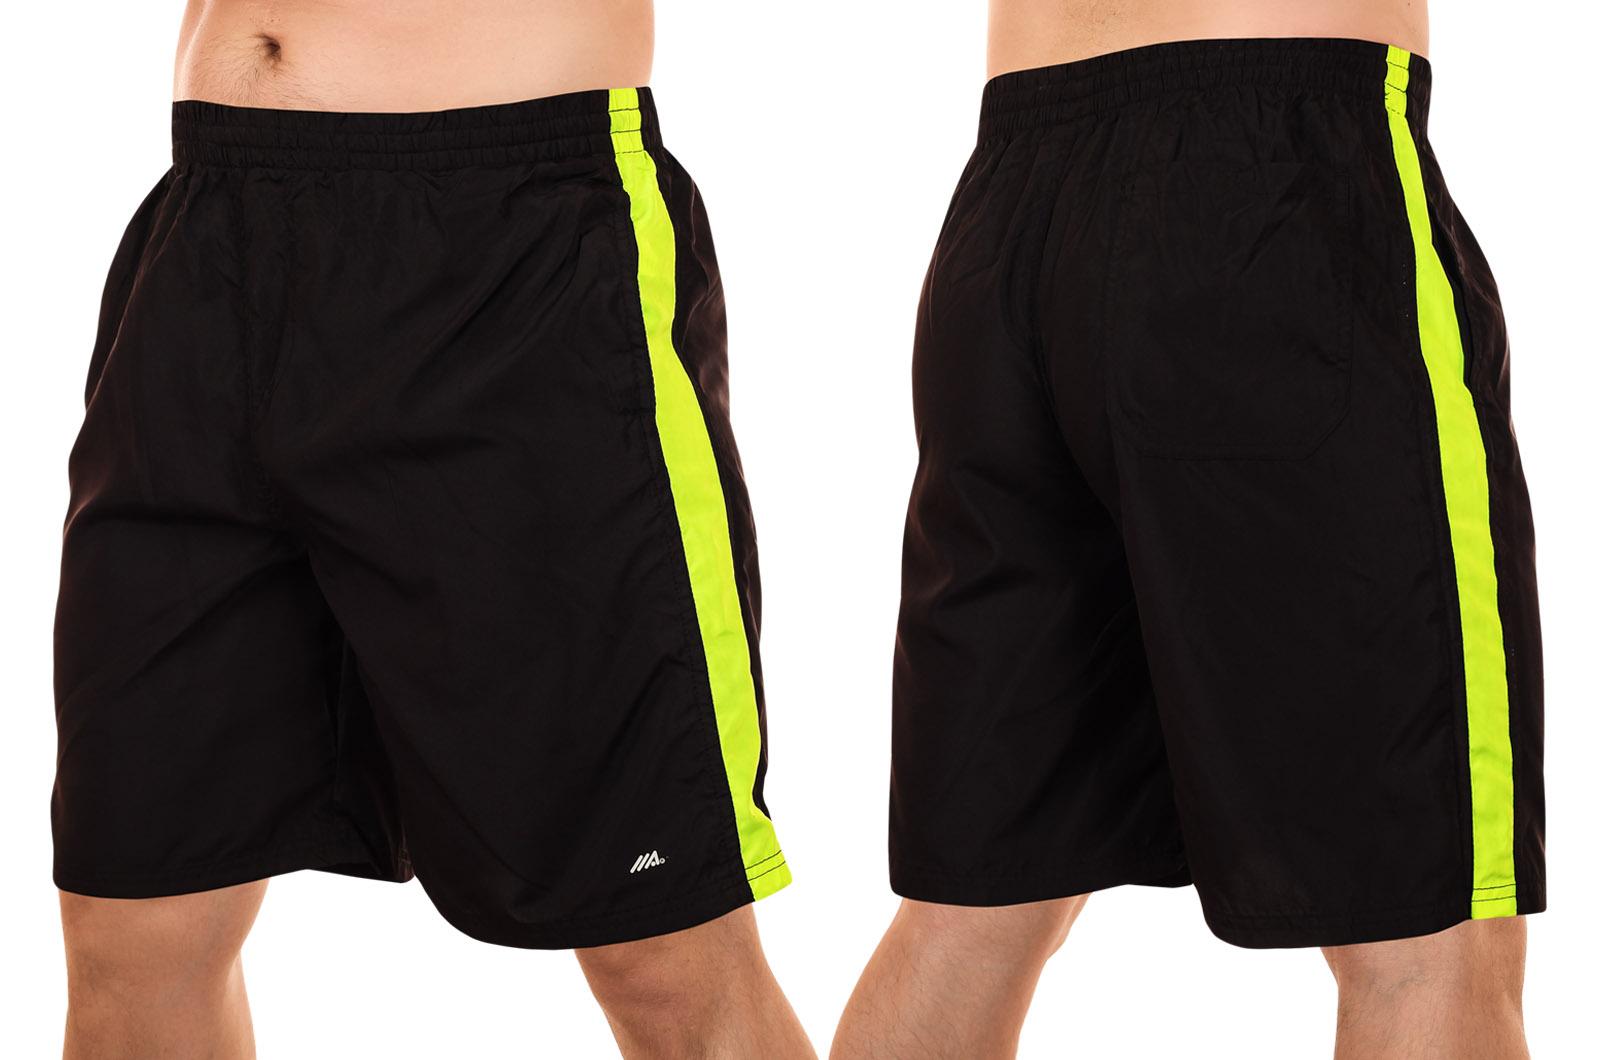 Заказать мужские пляжные шорты классического стиля от MACE (Канада)